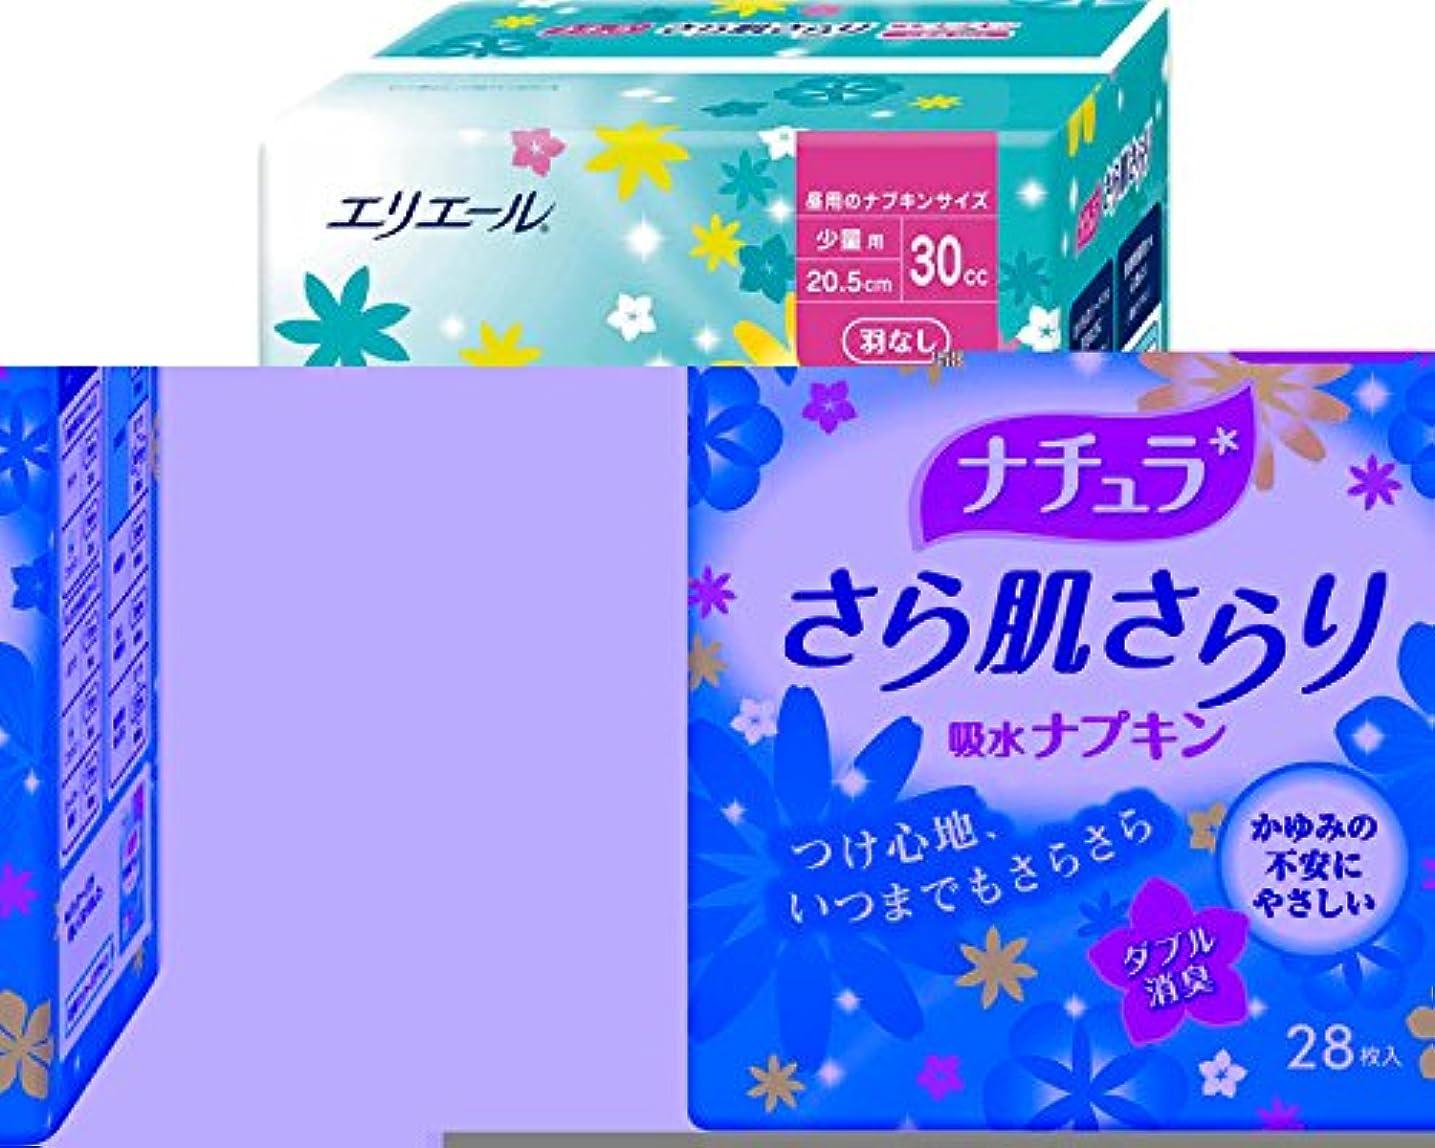 神経推定する独裁キレイキレイ薬用ハンドソープ 4L (ライオンハイジーン) (清拭小物)